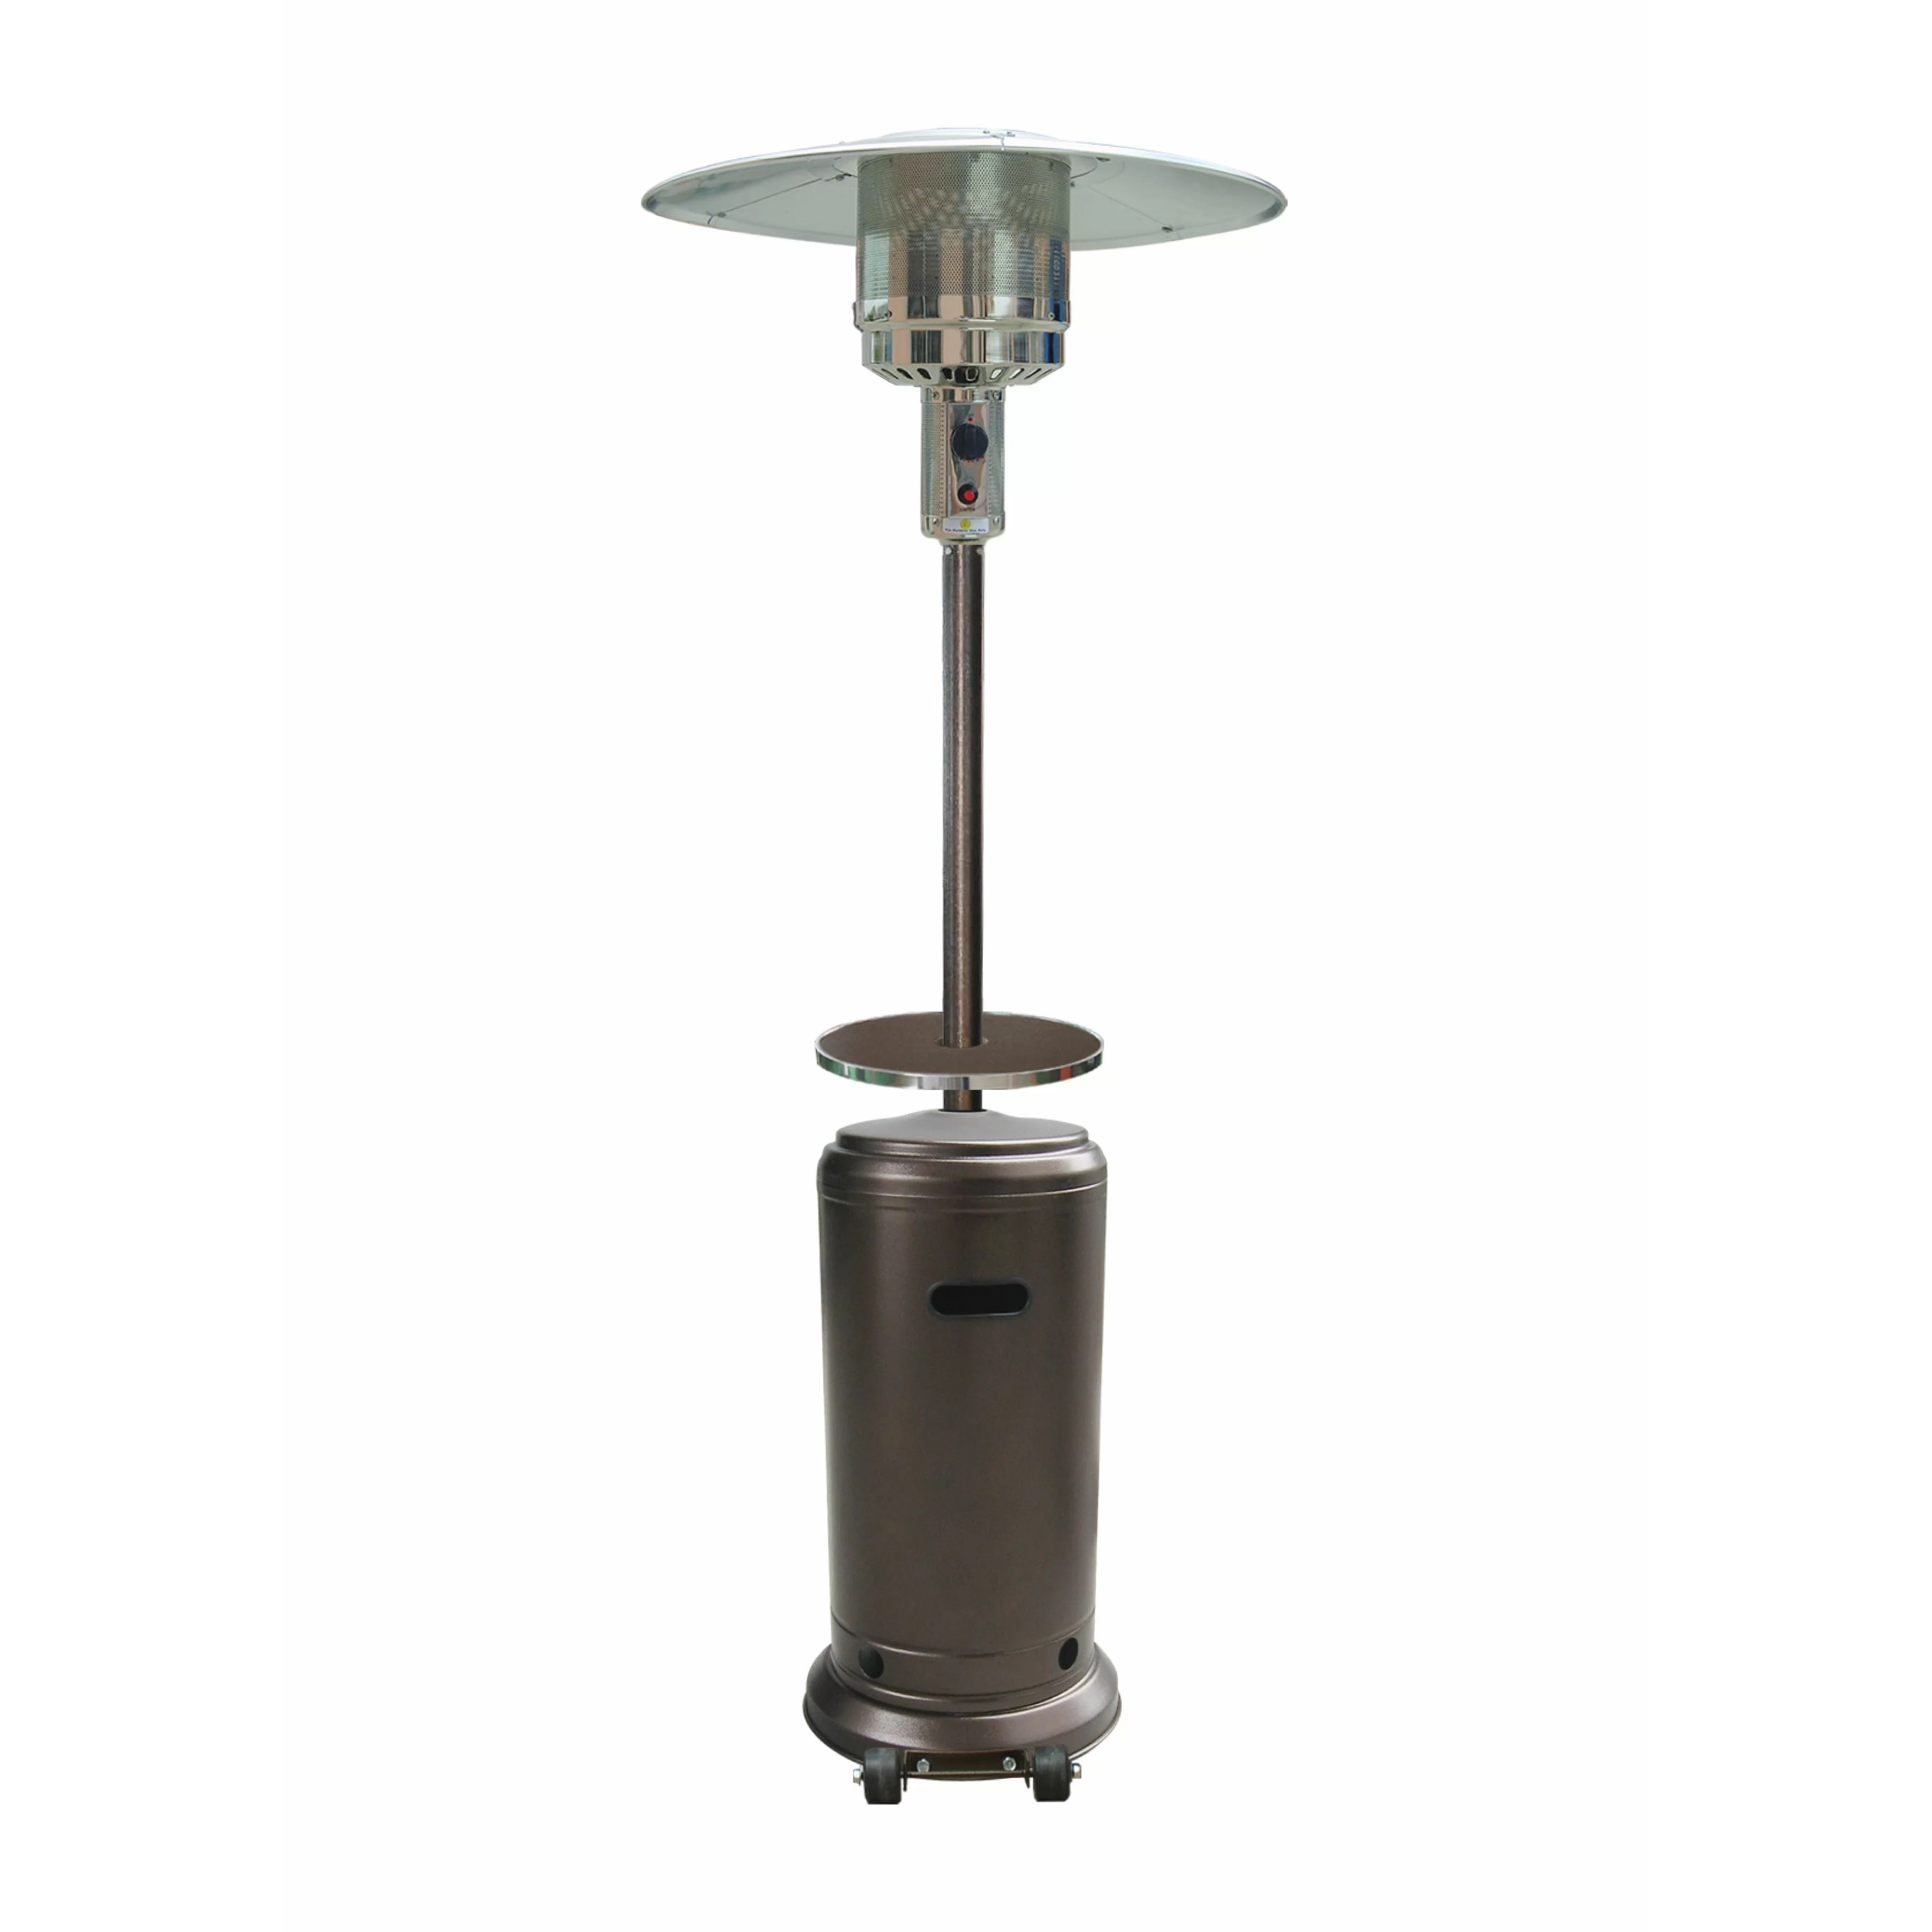 Gardensun Floor Standing Outdoor Propane Patio Heater